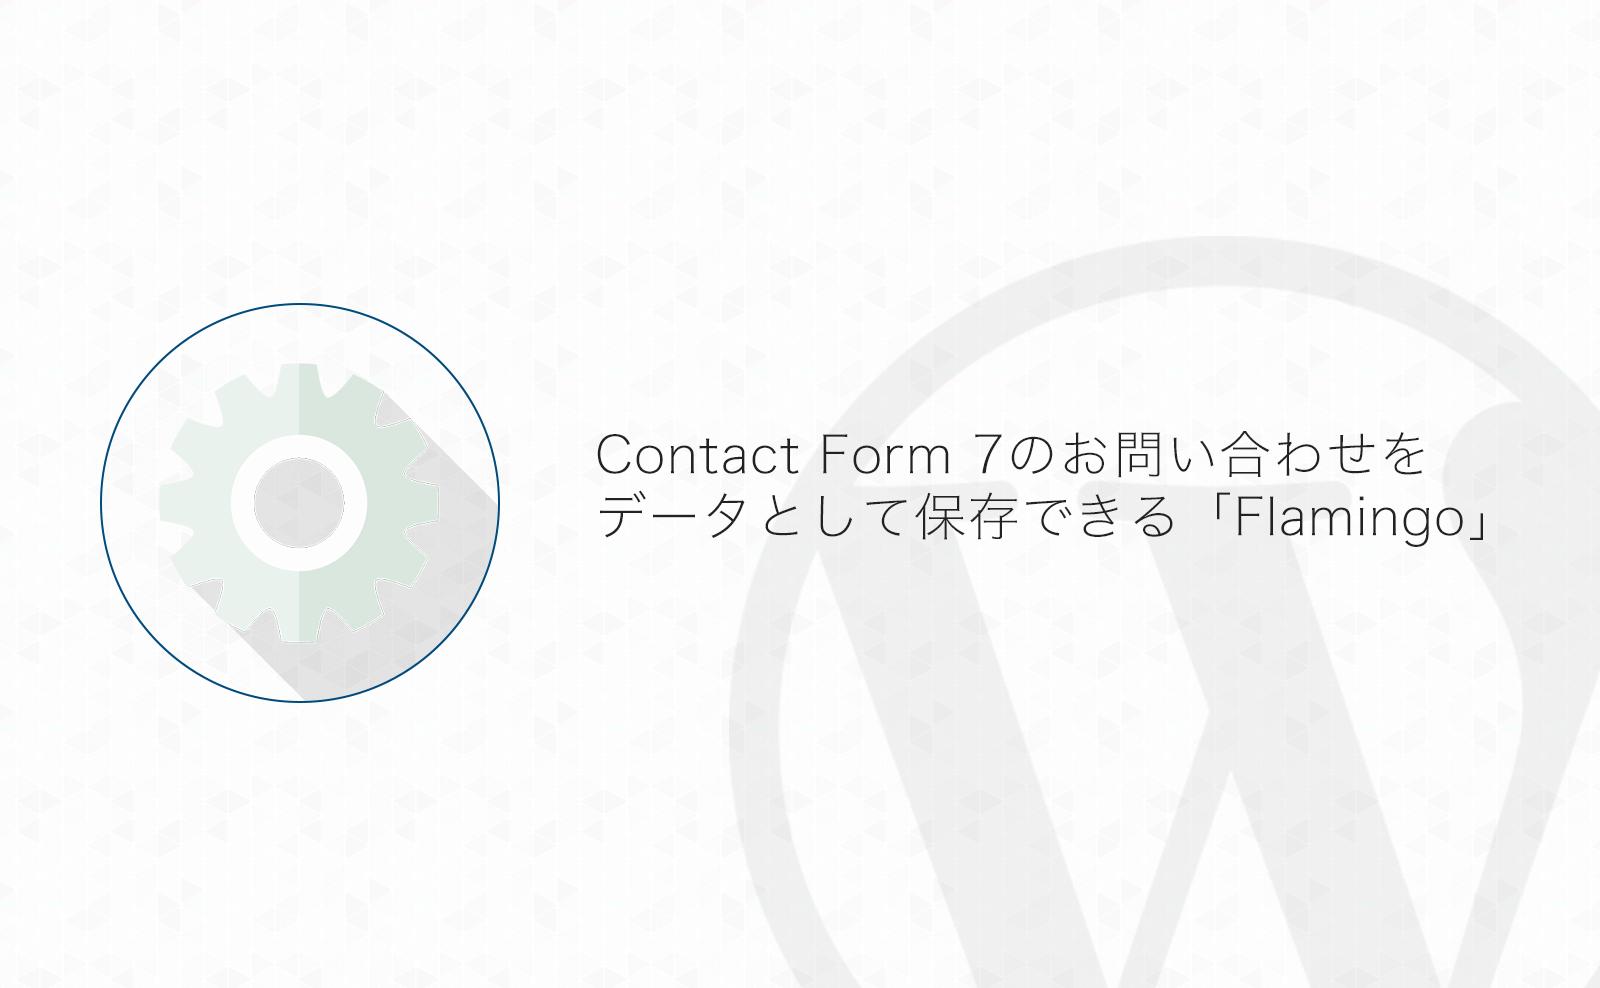 【WordPress】Contact Form 7で入力されたお問い合わせを保存・CSVエクスポートできるプラグイン「Flamingo」